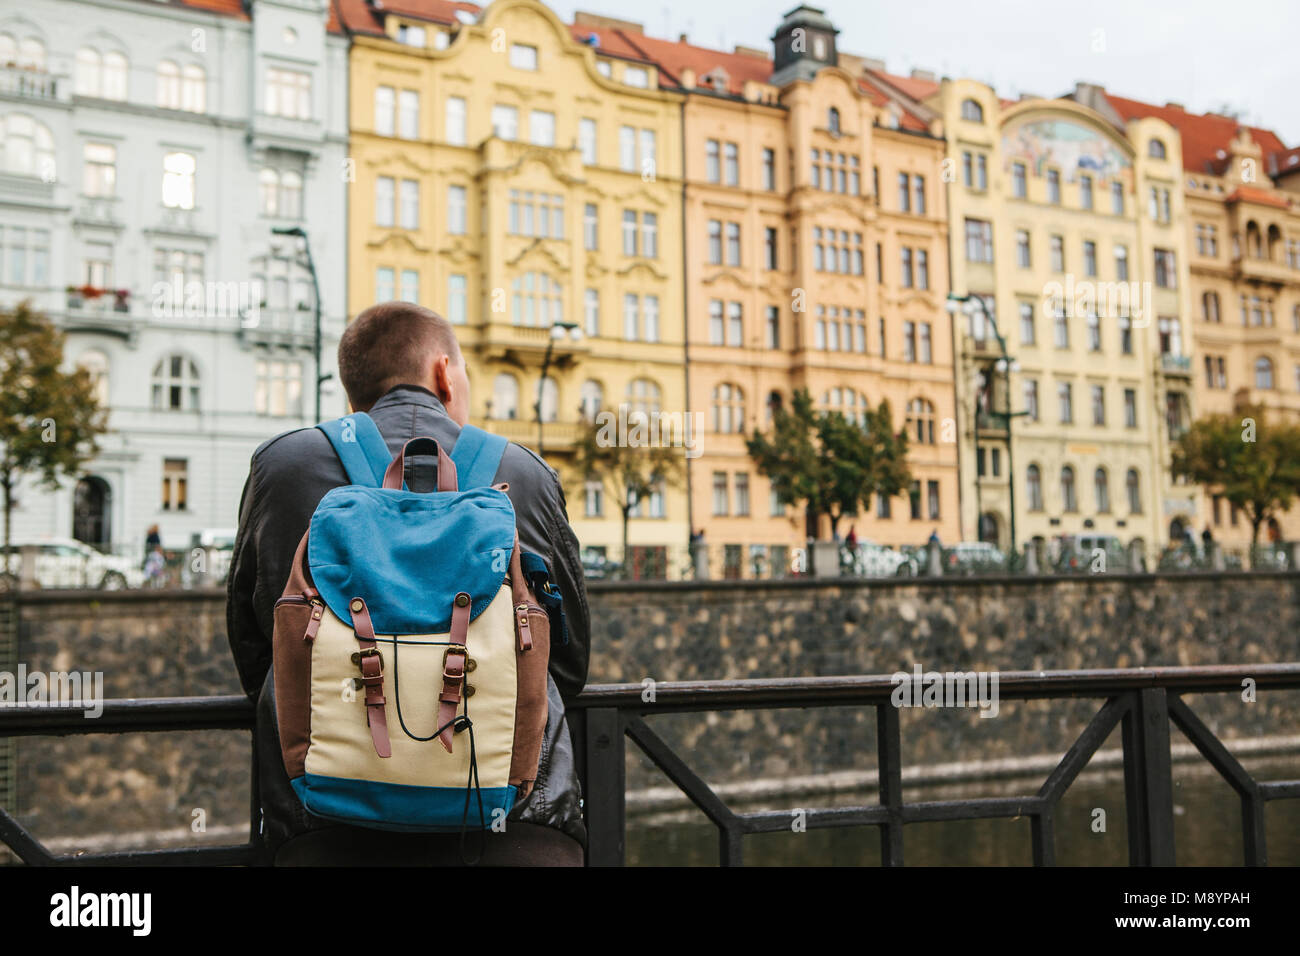 Ein Tourist mit einem Rucksack vor einem wunderschönen alten Architektur in Prag in der Tschechischen Republik. Stockbild